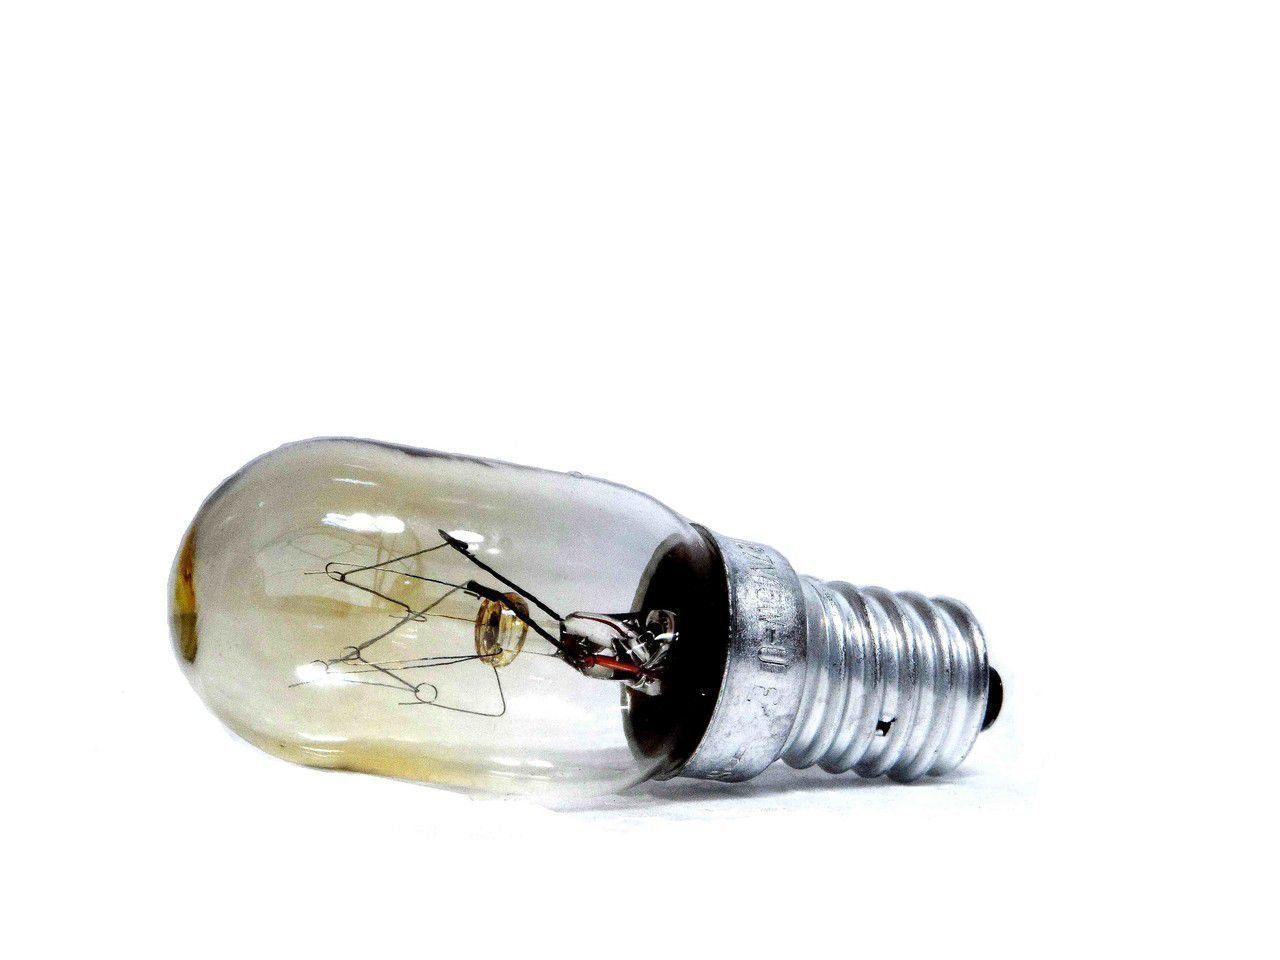 LÂMPADA INCANDECENTE REFRIGERADOR ELECTROLUX 127V15W 64641425